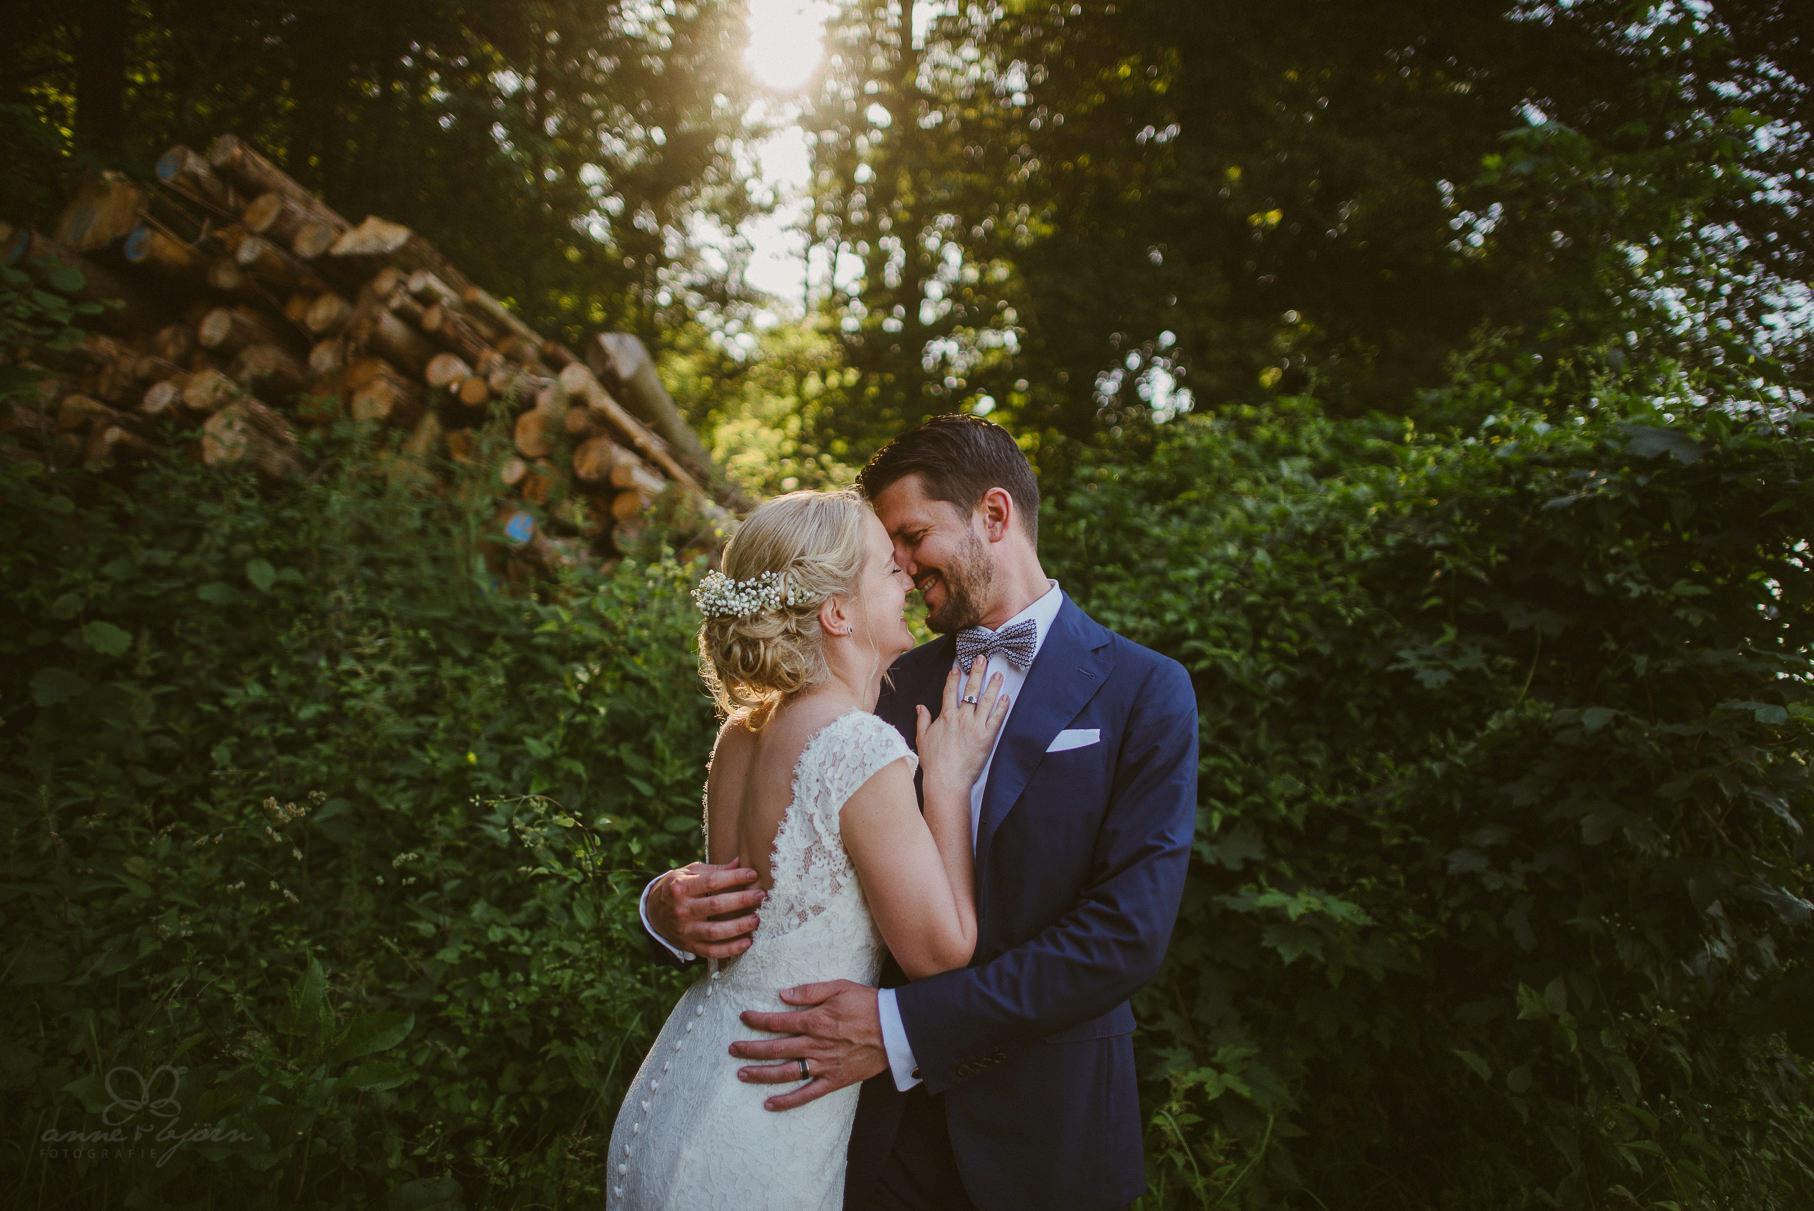 0102 anne und bjoern hochzeit schweiz d75 1526 - DIY Hochzeit in der Schweiz - Sabrina & Christoph